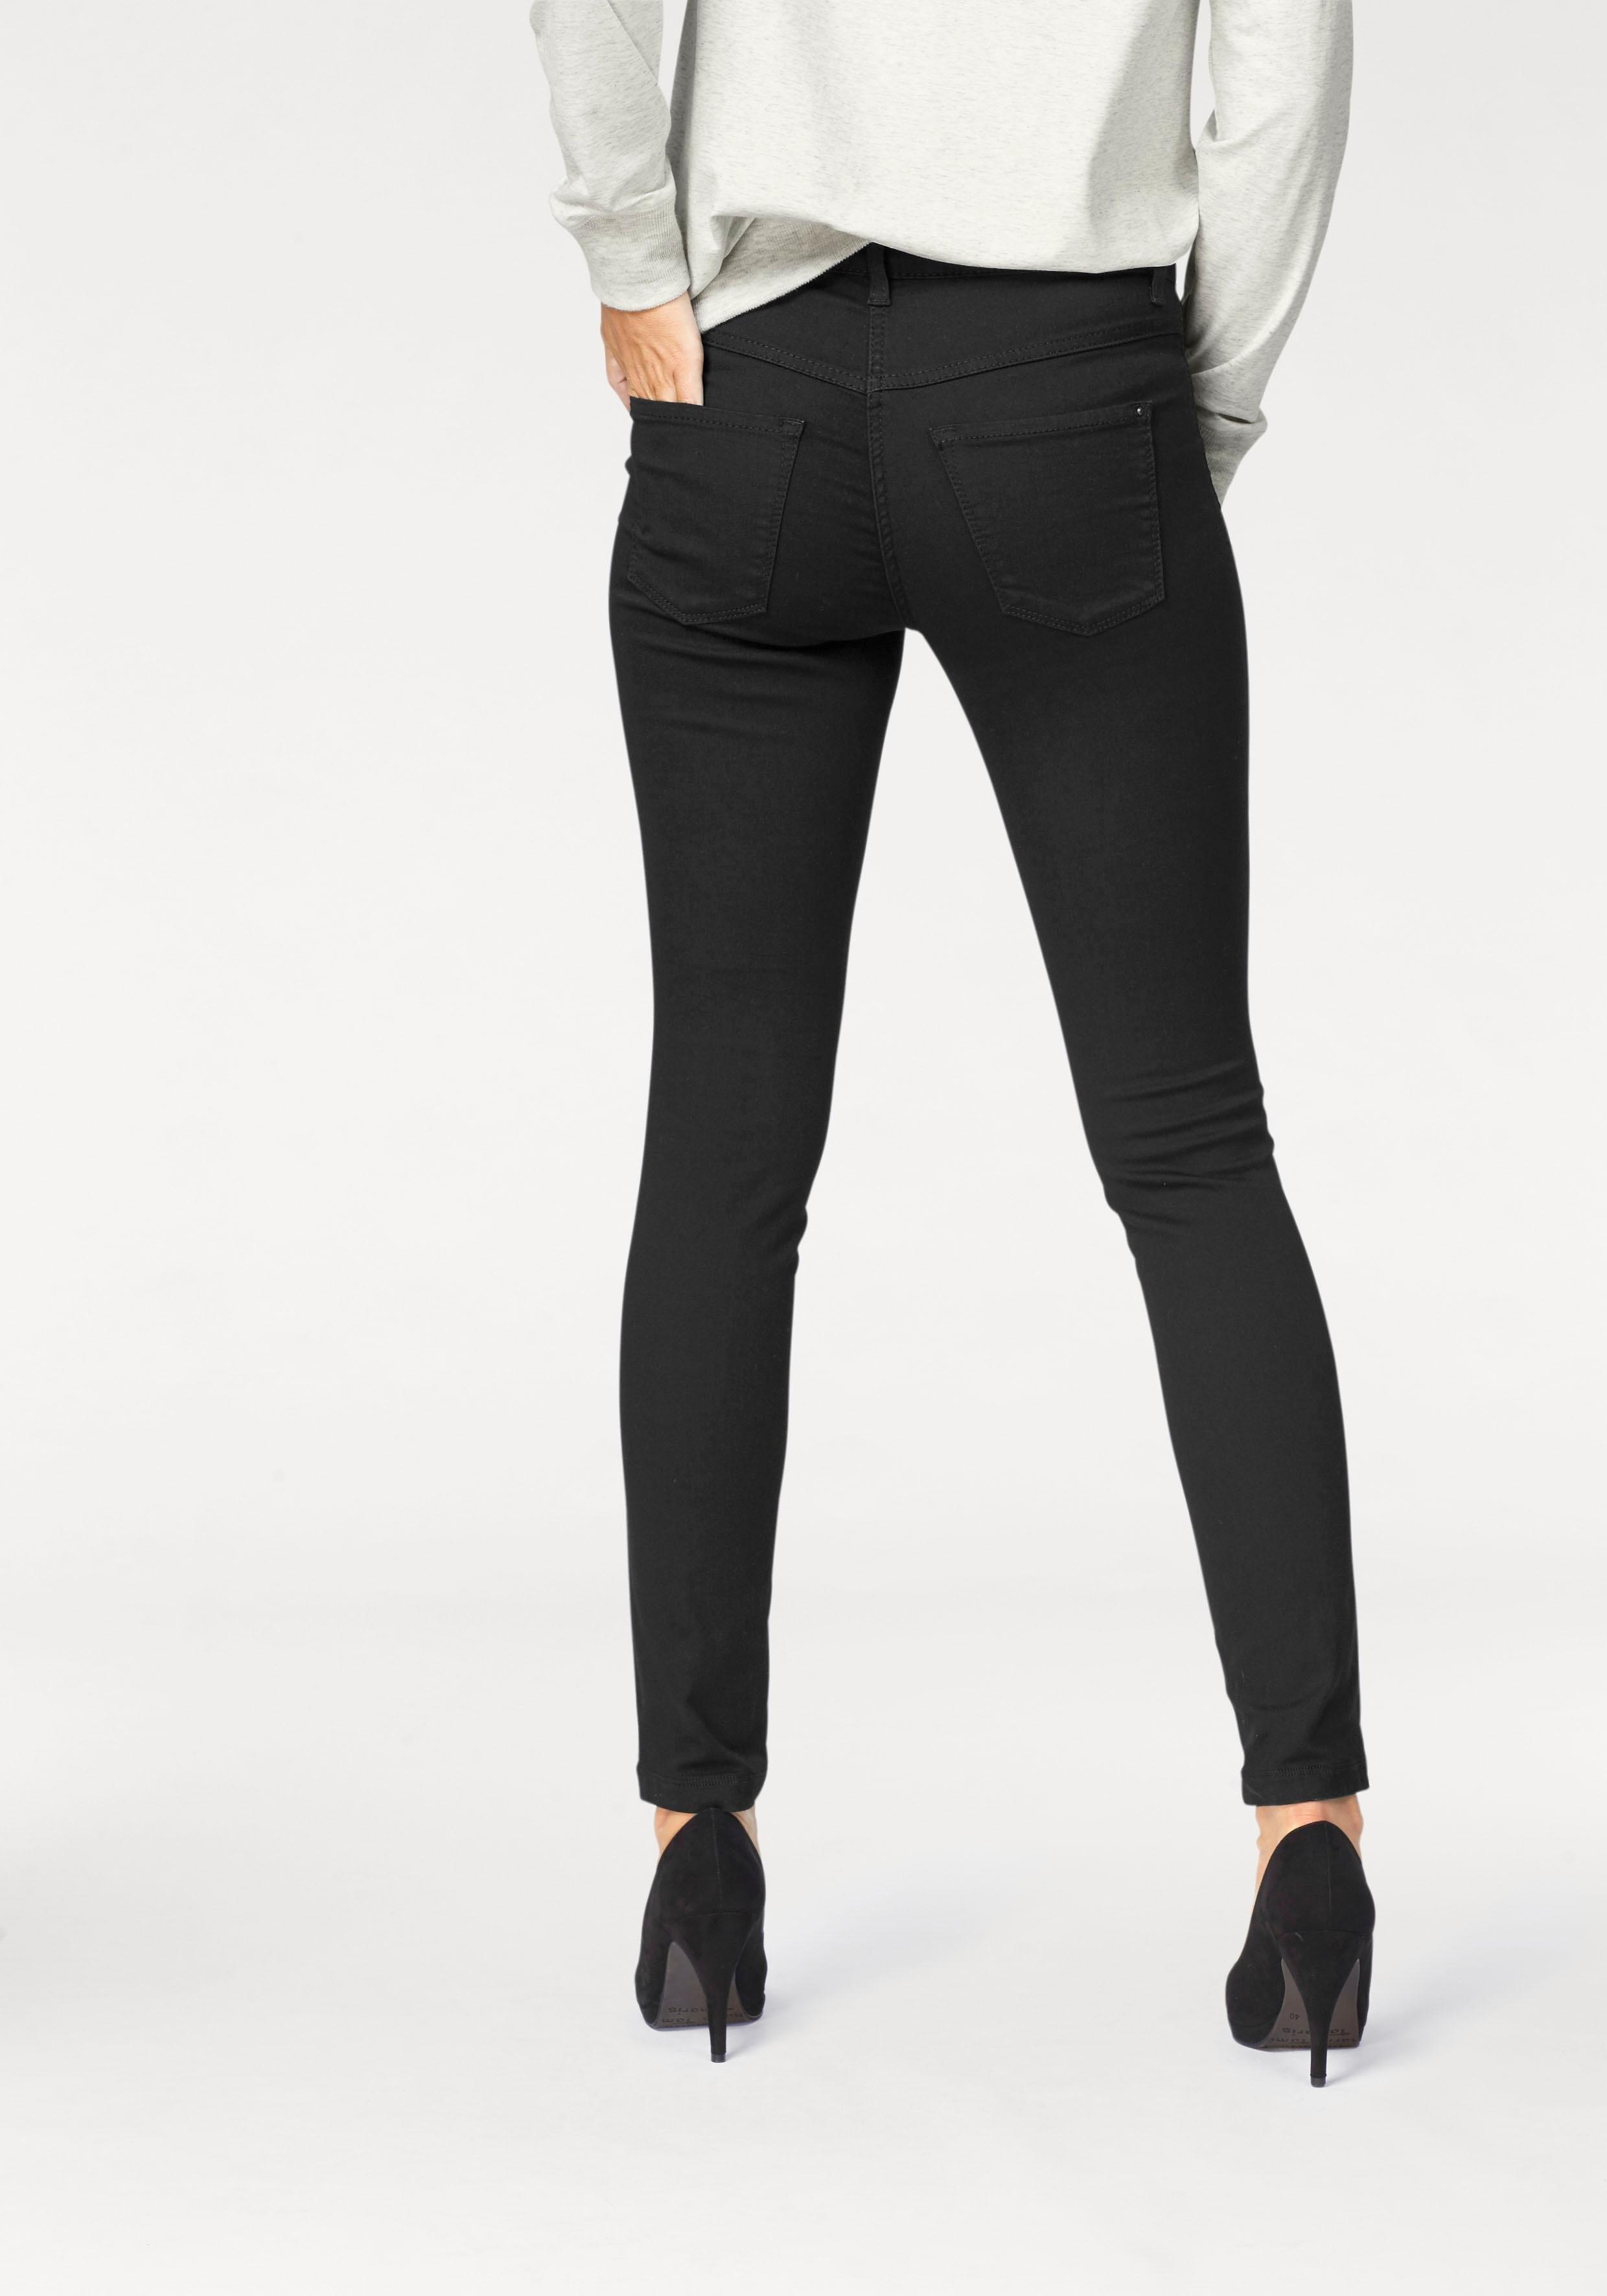 MAC skinny fit jeans Dream Skinny Zeer elastische kwaliteit voor een perfecte pasvorm - verschillende betaalmethodes